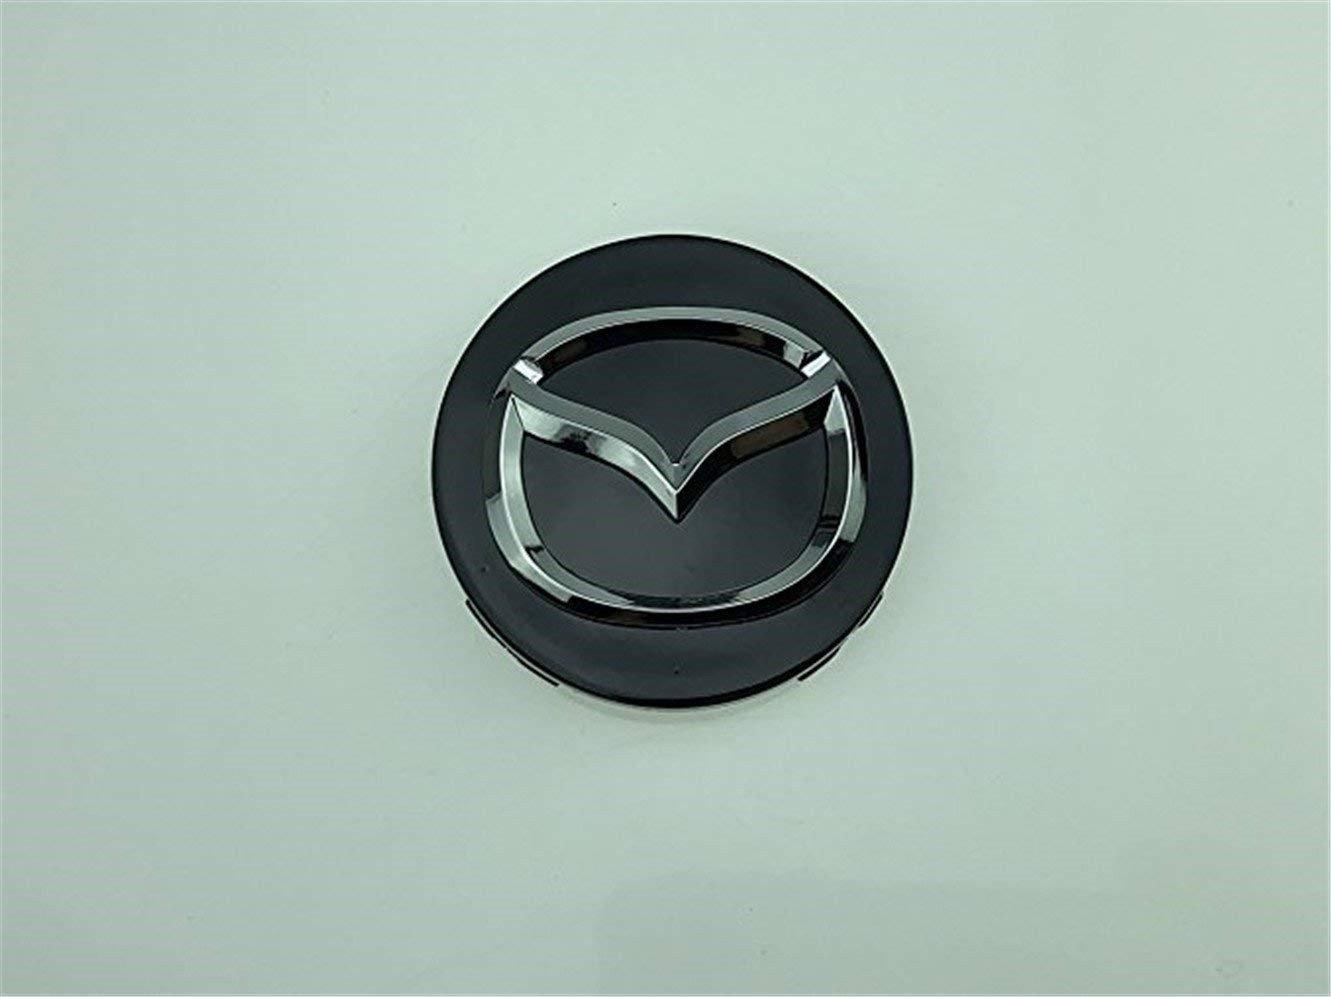 yongyong218 4 tapacubos centrales para Llantas DE 56 mm, Mazda 2, 3, 6, CX-3, CX-5, MX-5, Color Negro Cromado: Amazon.es: Coche y moto